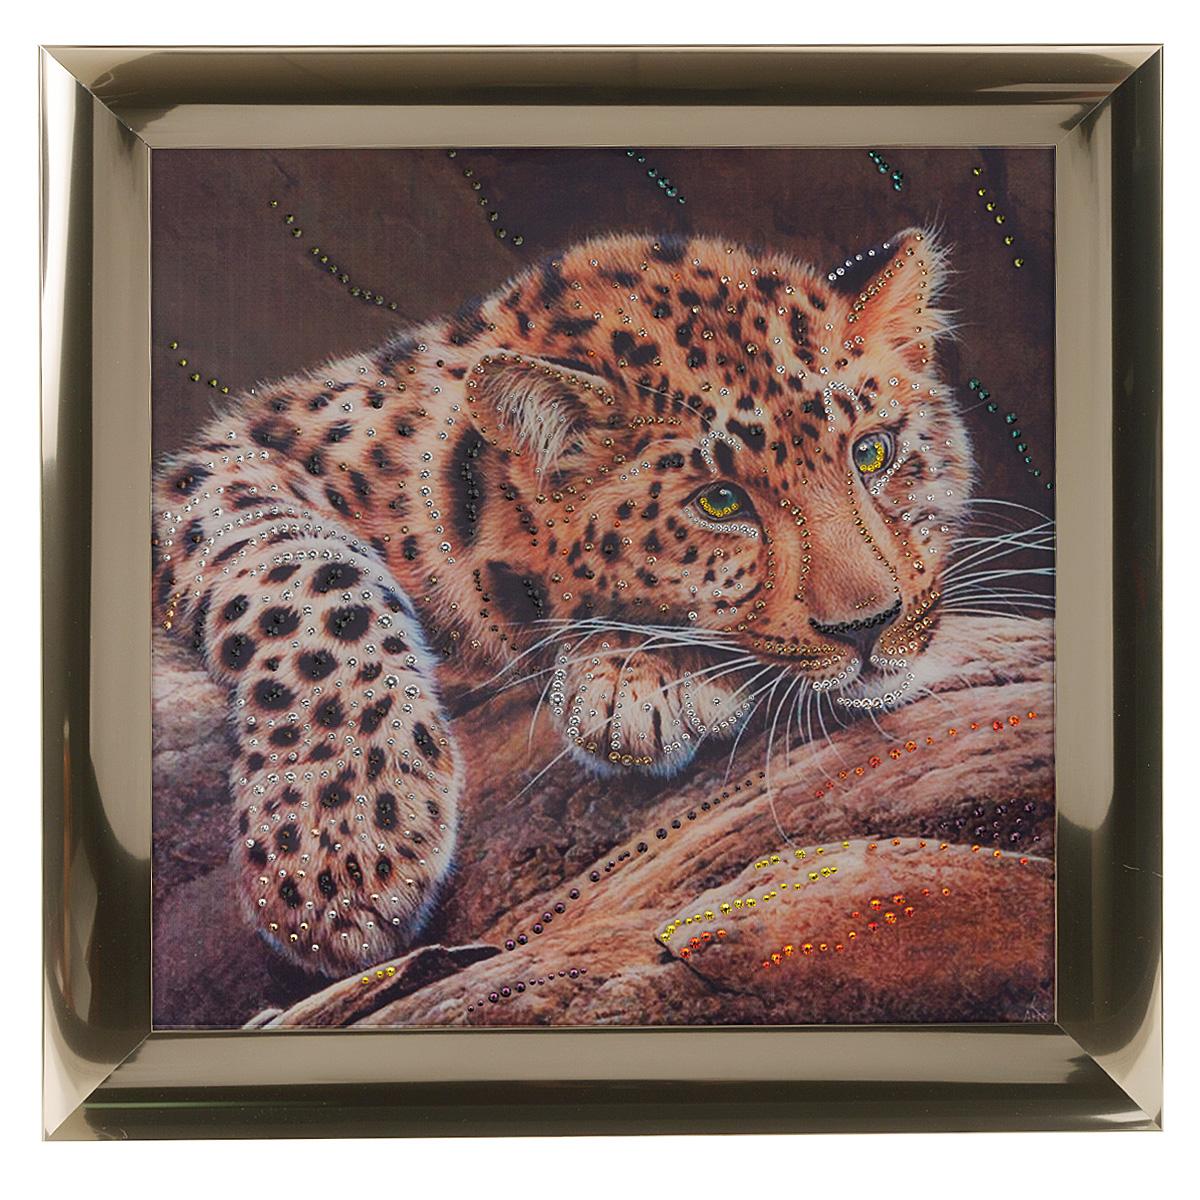 Картина с кристаллами Swarovski Леопард, 47 см х 47 смAG 40-14Изящная картина в металлической раме, инкрустирована кристаллами Swarovski, которые отличаются четкой и ровной огранкой, ярким блеском и чистотой цвета. Красочное изображение леопарда, расположенное под стеклом, прекрасно дополняет блеск кристаллов. С обратной стороны имеется металлическая петелька для размещения картины на стене. Картина с кристаллами Swarovski Леопард элегантно украсит интерьер дома или офиса, а также станет прекрасным подарком, который обязательно понравится получателю. Блеск кристаллов в интерьере, что может быть сказочнее и удивительнее. Картина упакована в подарочную картонную коробку синего цвета и комплектуется сертификатом соответствия Swarovski.